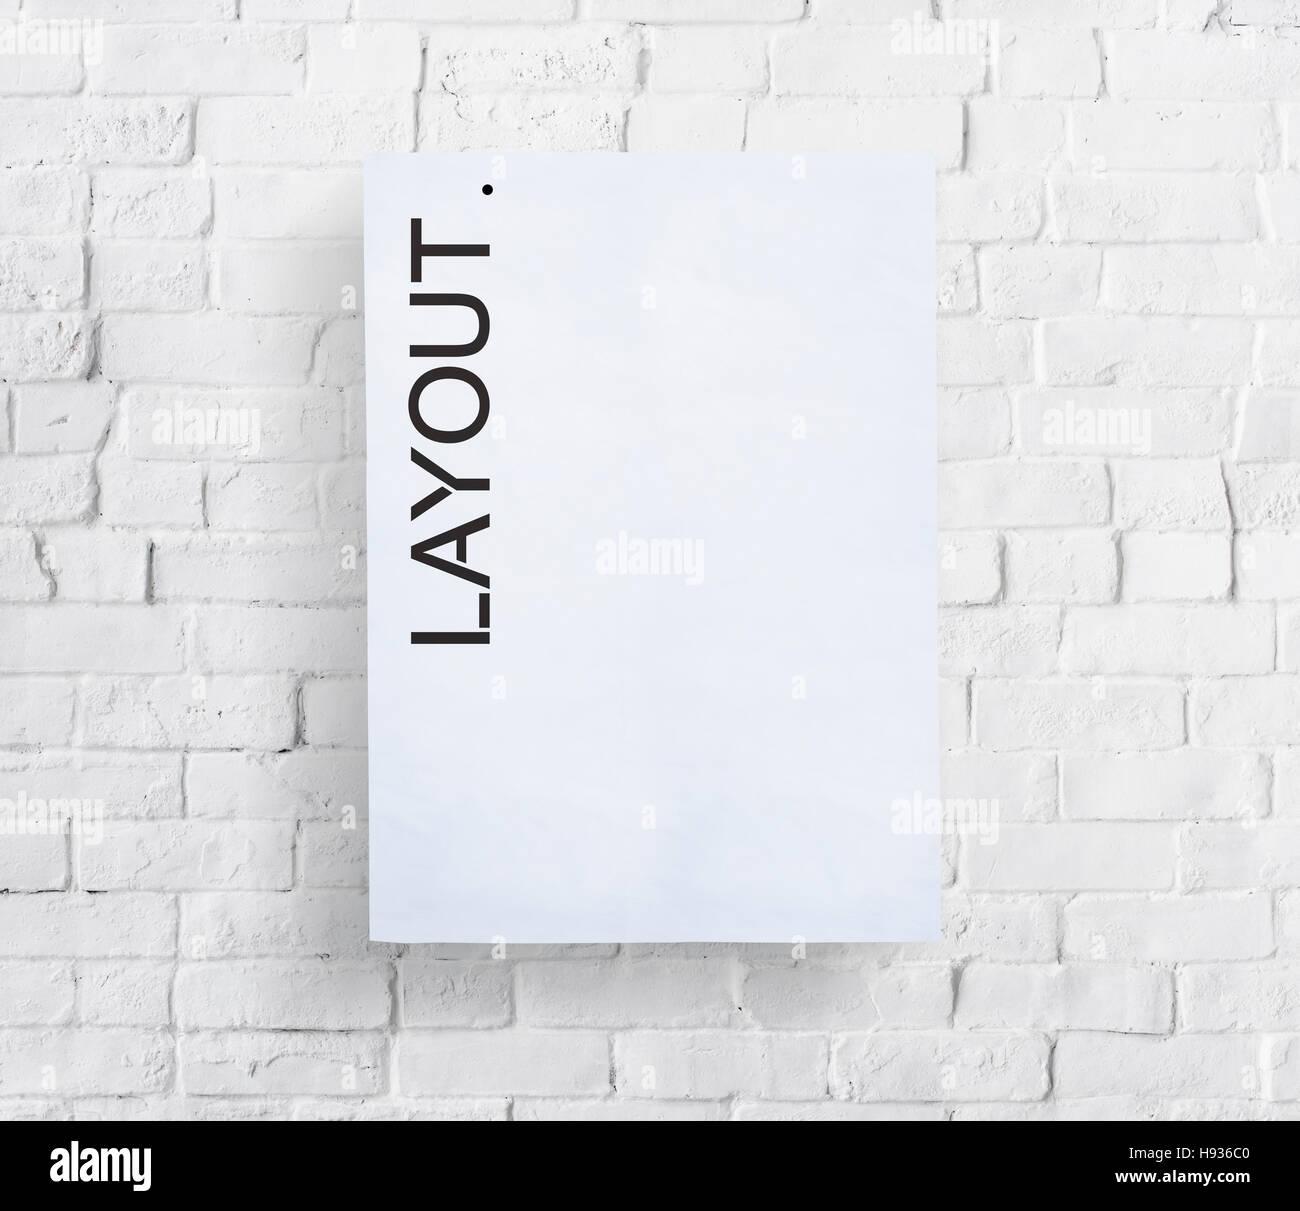 Disposizione del Layout Design creativo il concetto di editing Immagini Stock